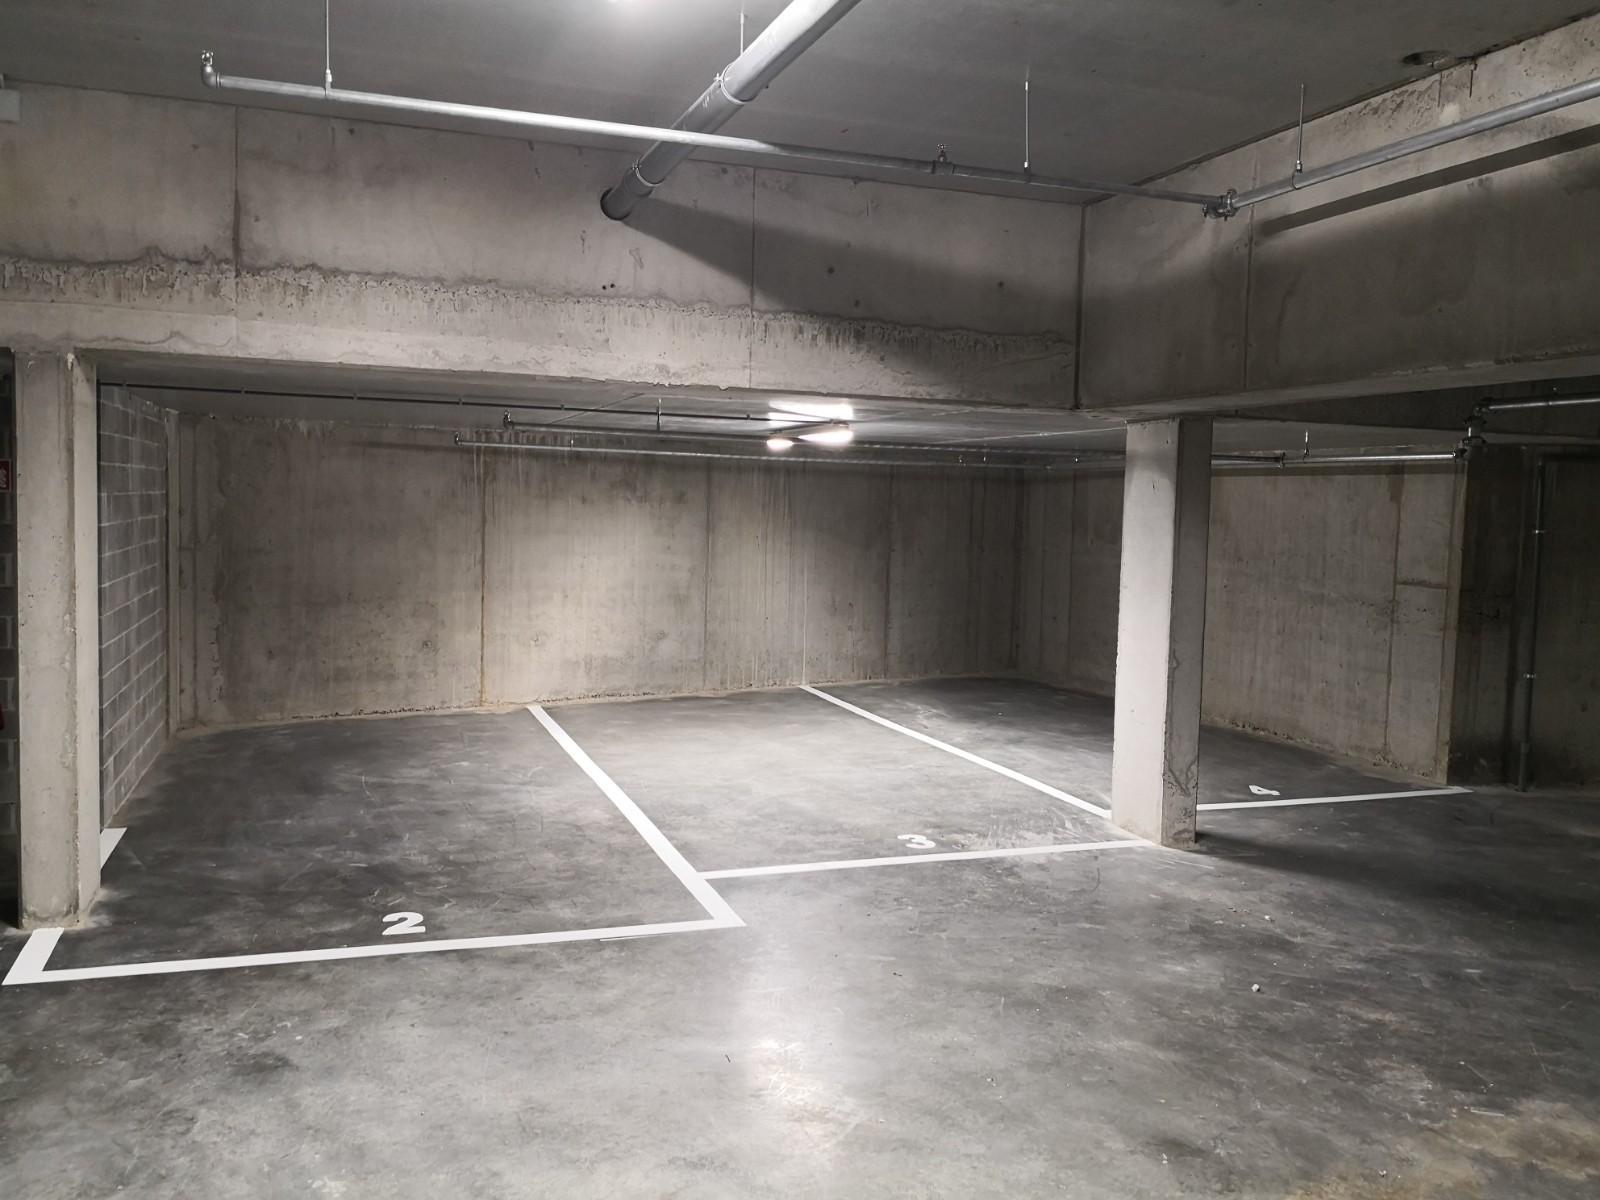 Staanplaats in ondergrondse parking afbeelding 4